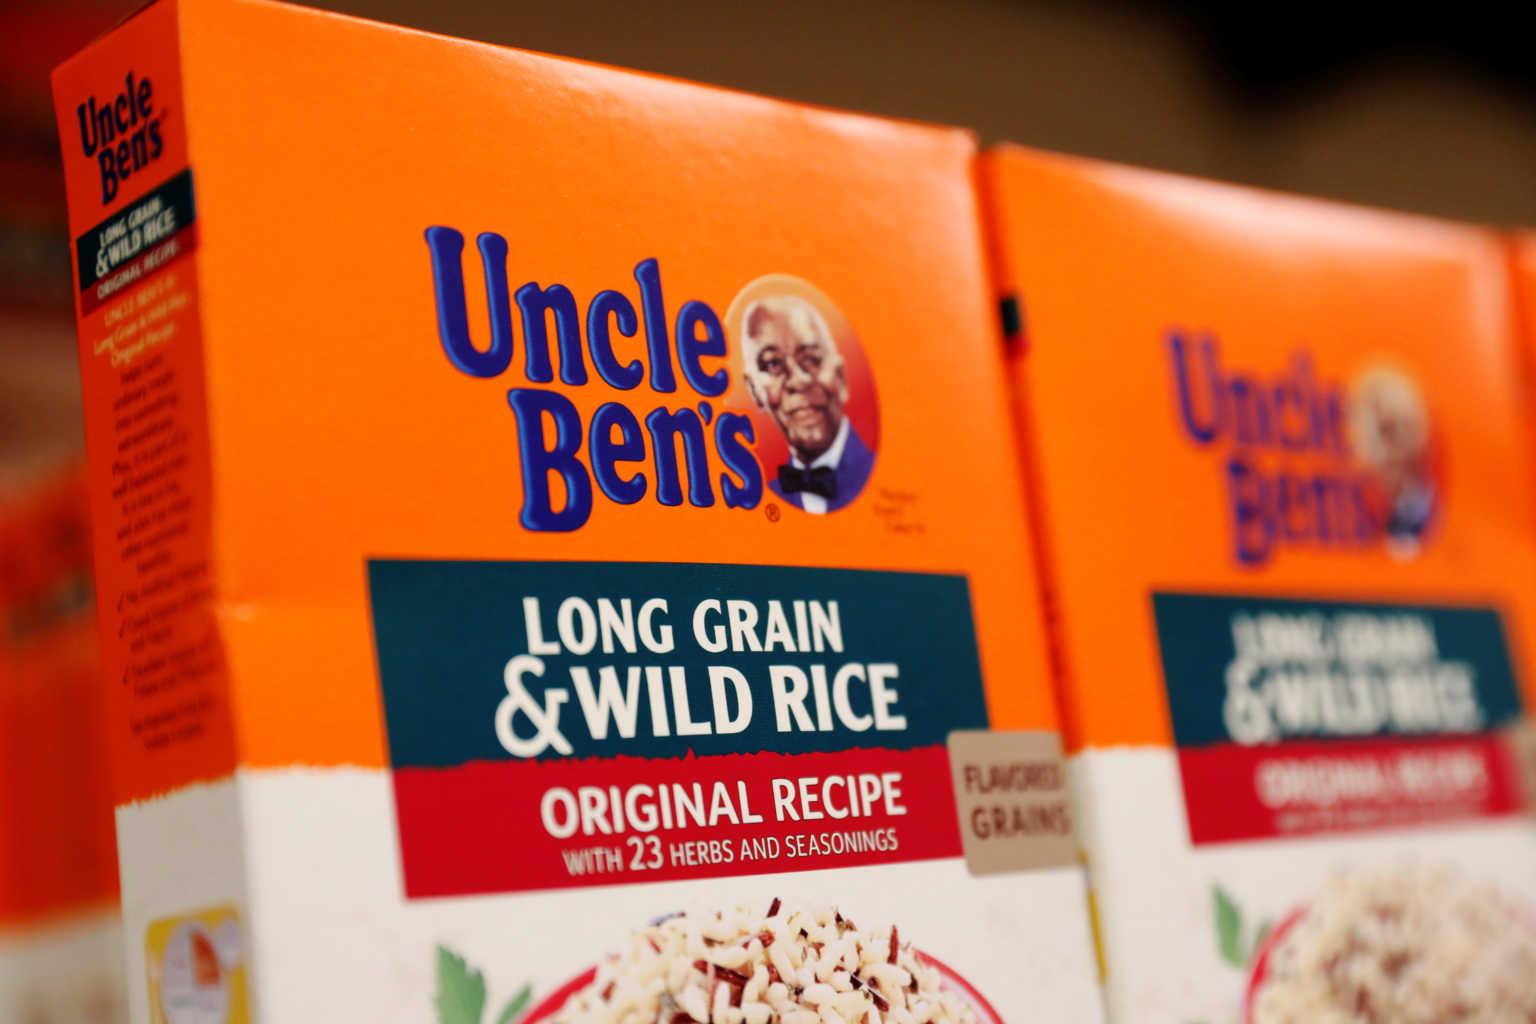 Επίσημο! Αντίο ρύζι Uncle Ben's και καλωσήρθες Ben's Original